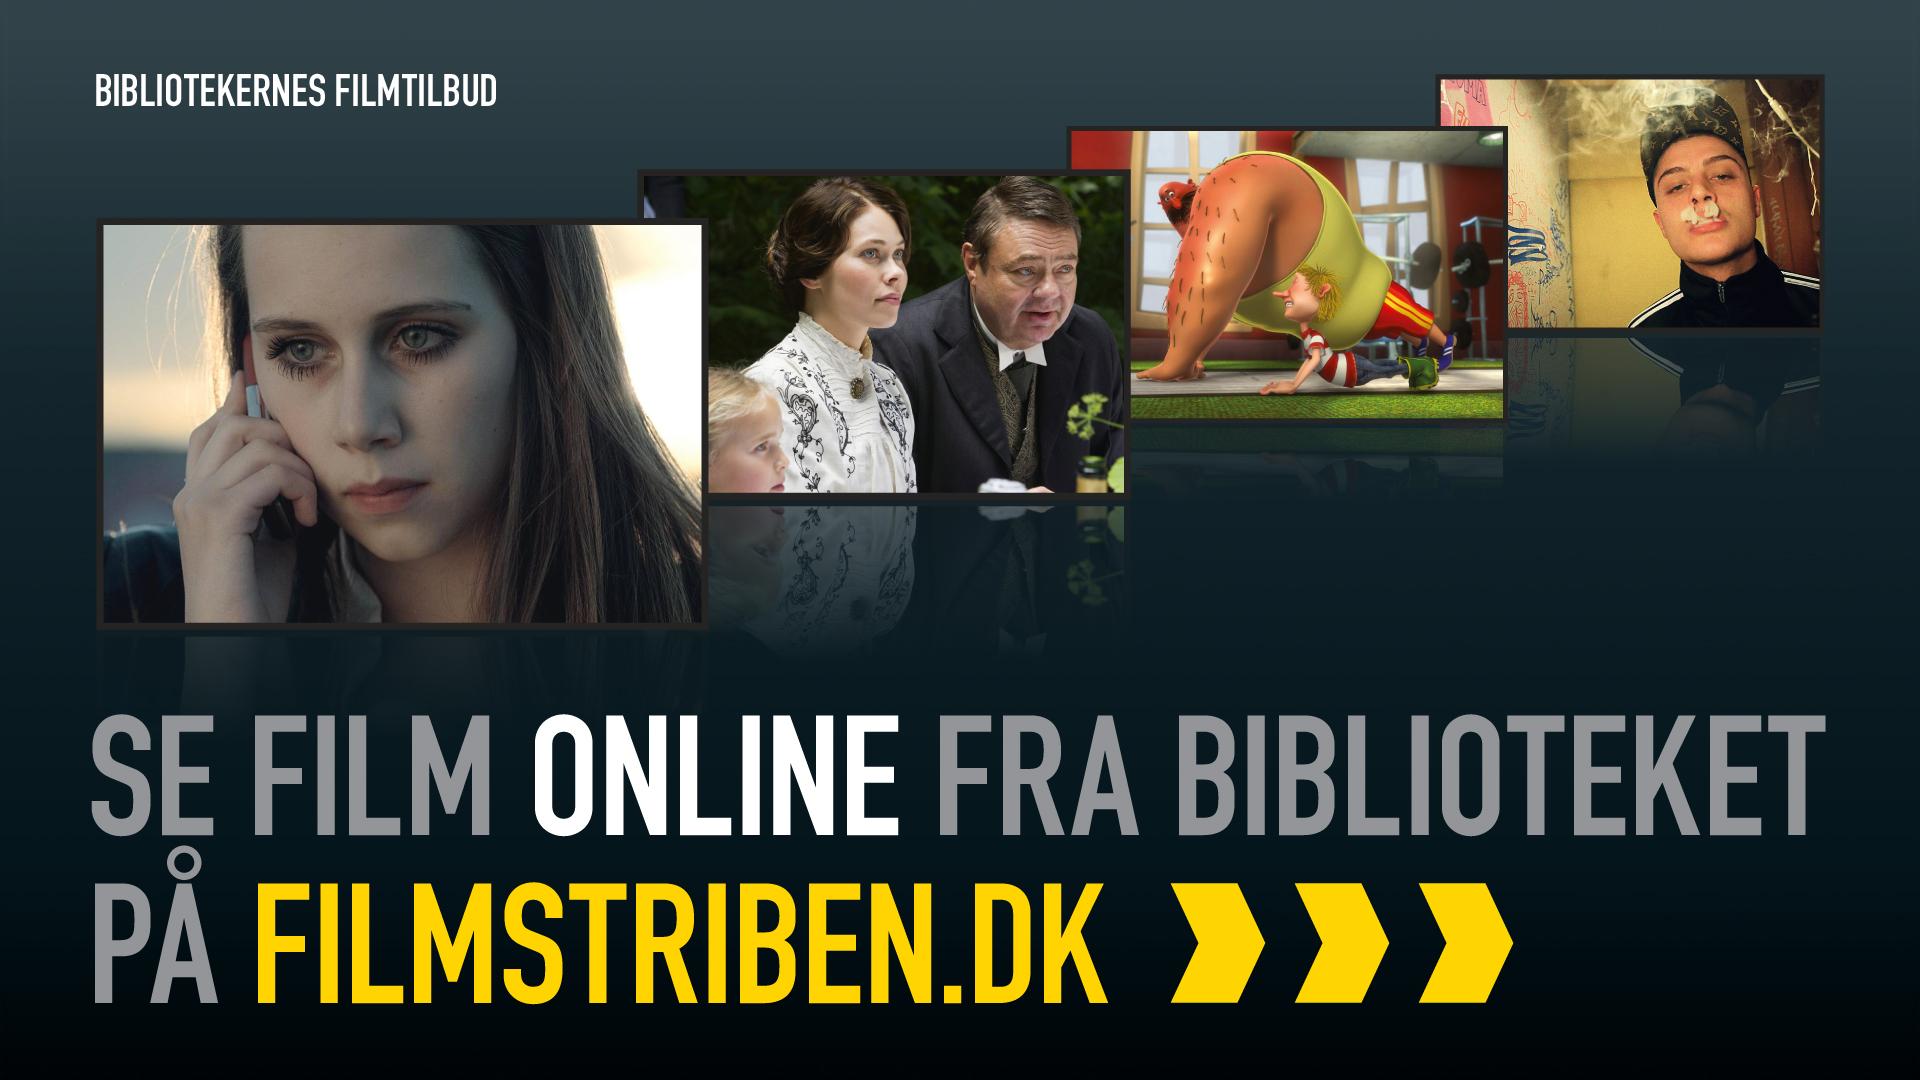 gratis film hjemmesider